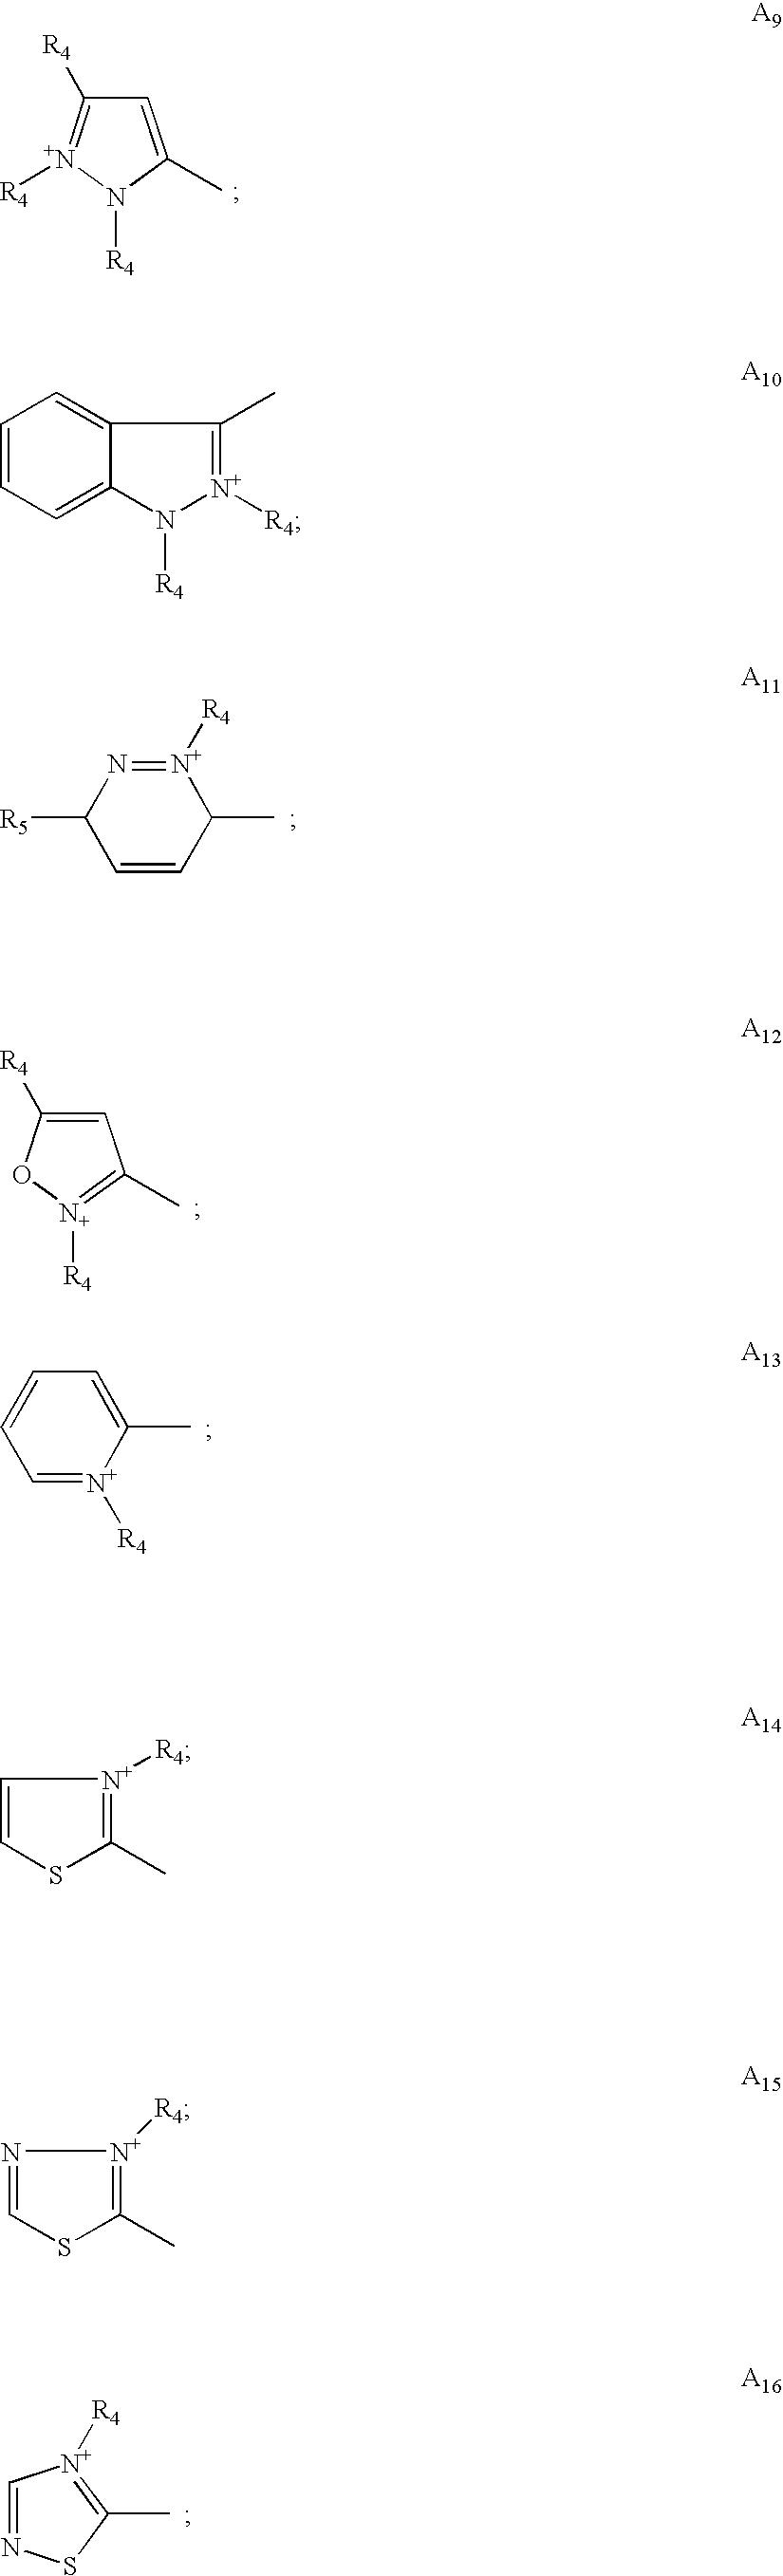 Figure US07918902-20110405-C00004